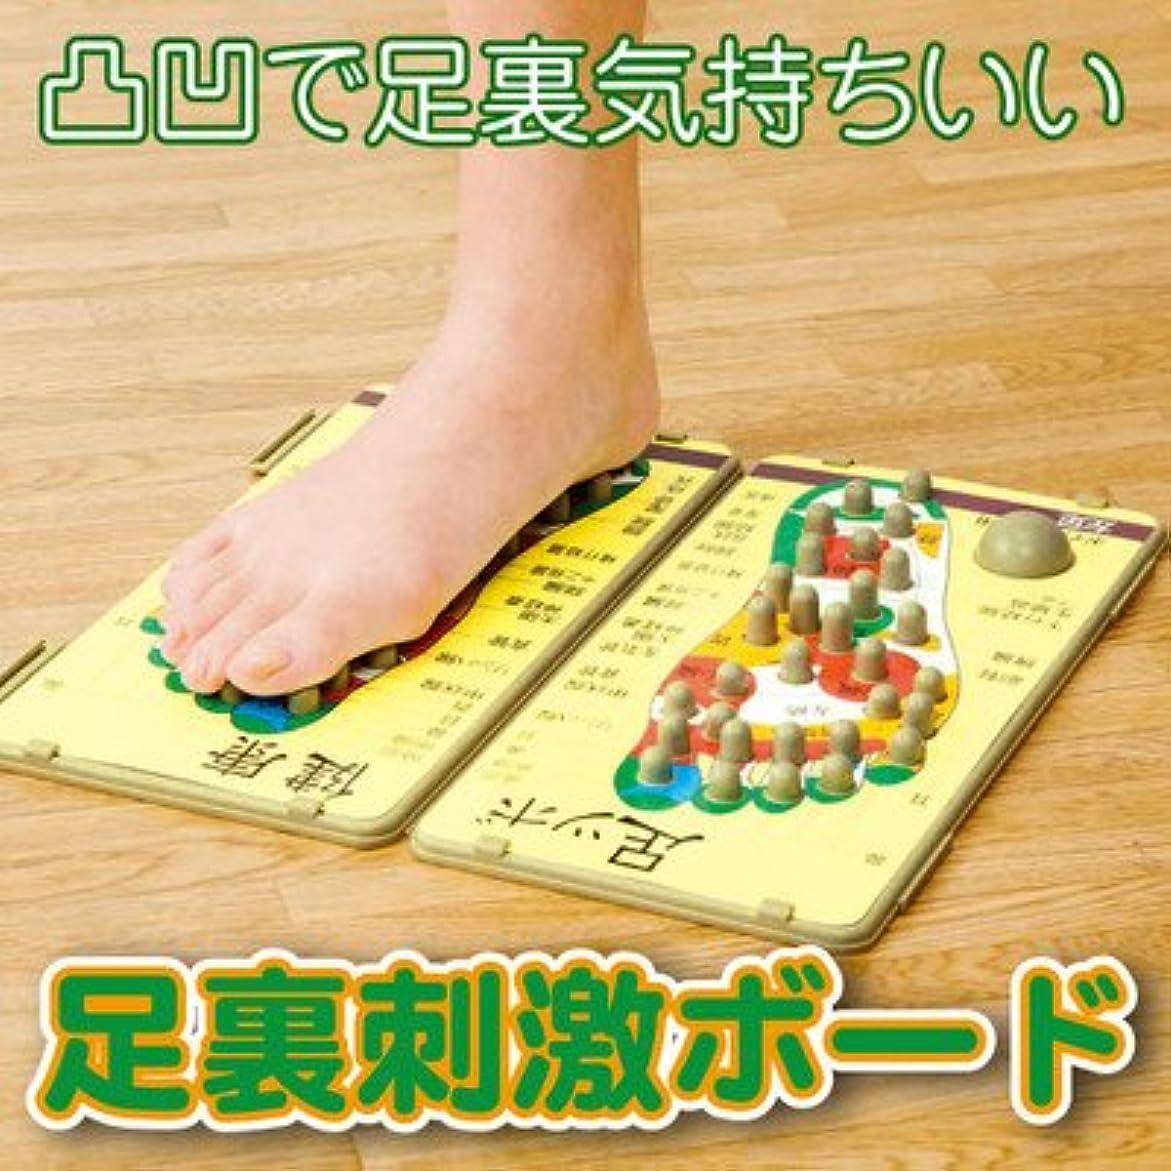 事前に可愛い普通の足裏刺激ボード 足裏刺激で痛気持ちいい